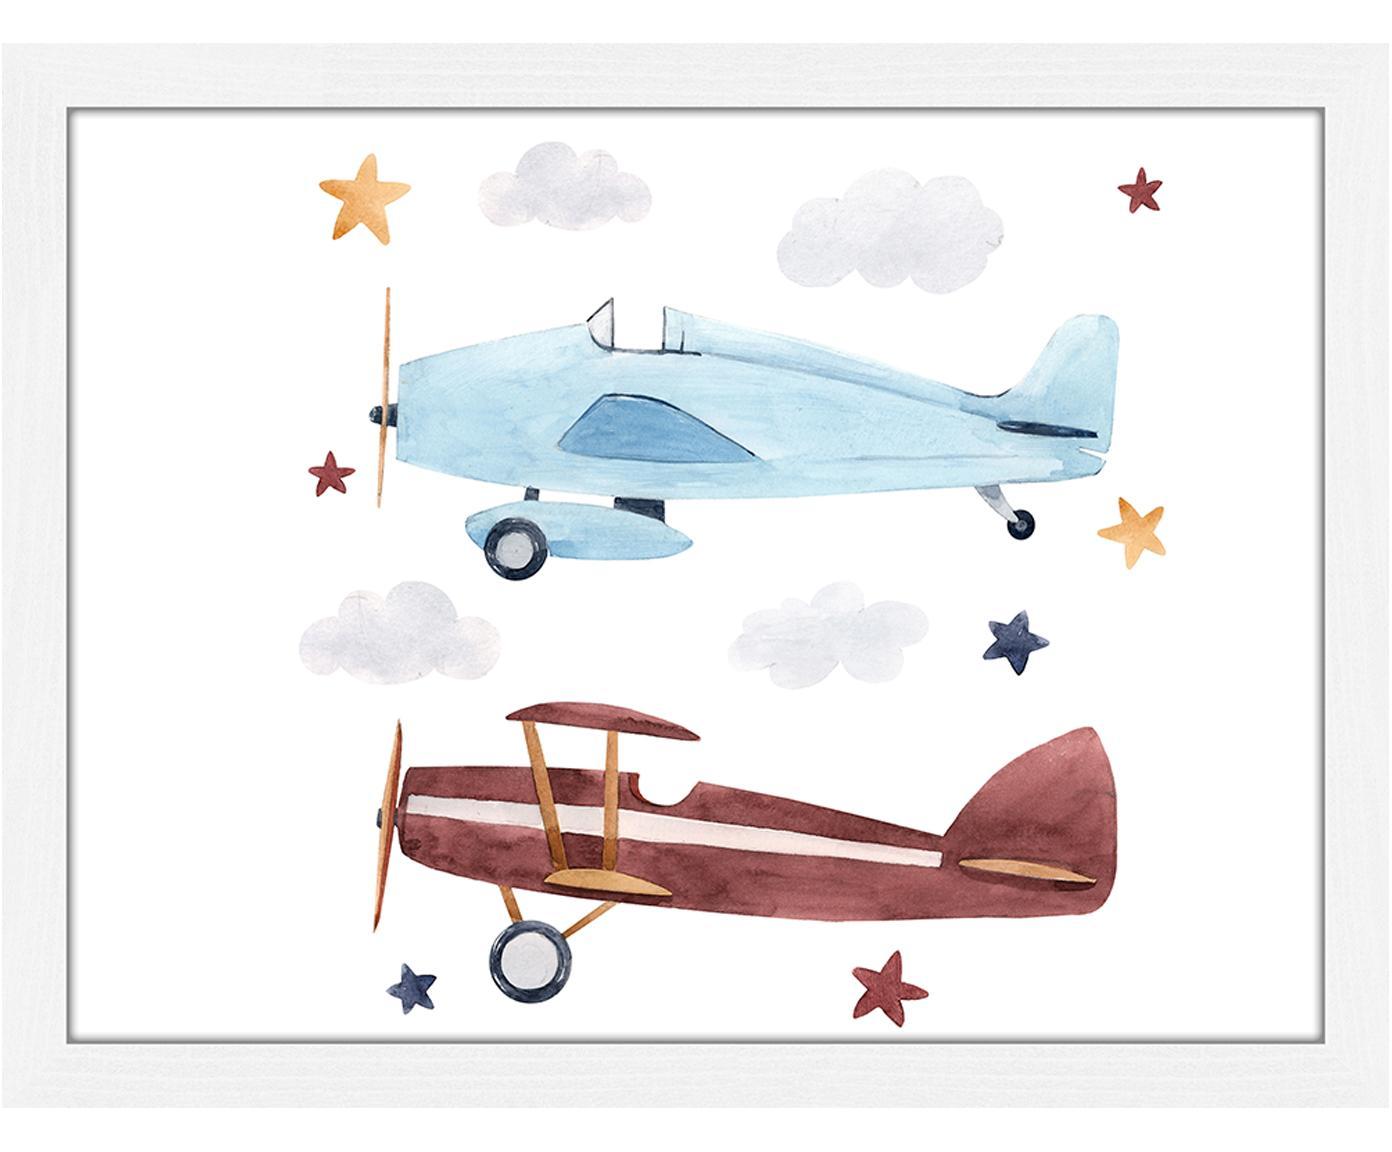 Ingelijste digitale print Planes, Lijst: gelakt hout, Wit, blauw, bruin, geel, grijs, 43 x 33 cm